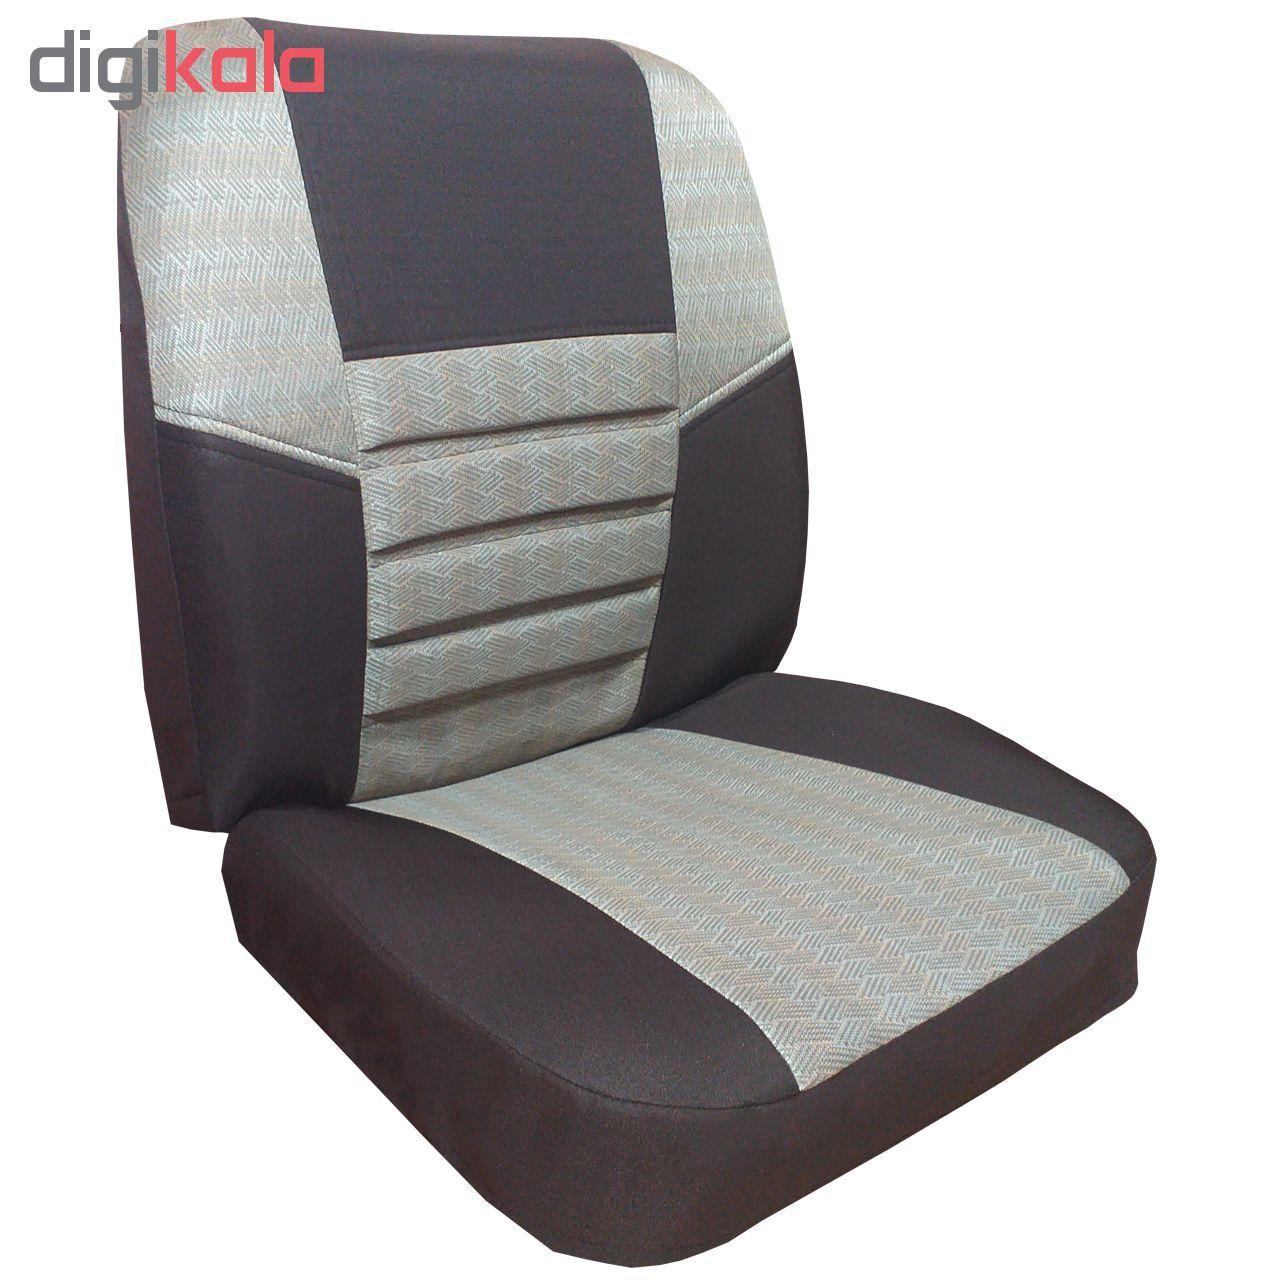 روکش صندلی خودرو مدل 2002 مناسب برای پراید صبا main 1 3